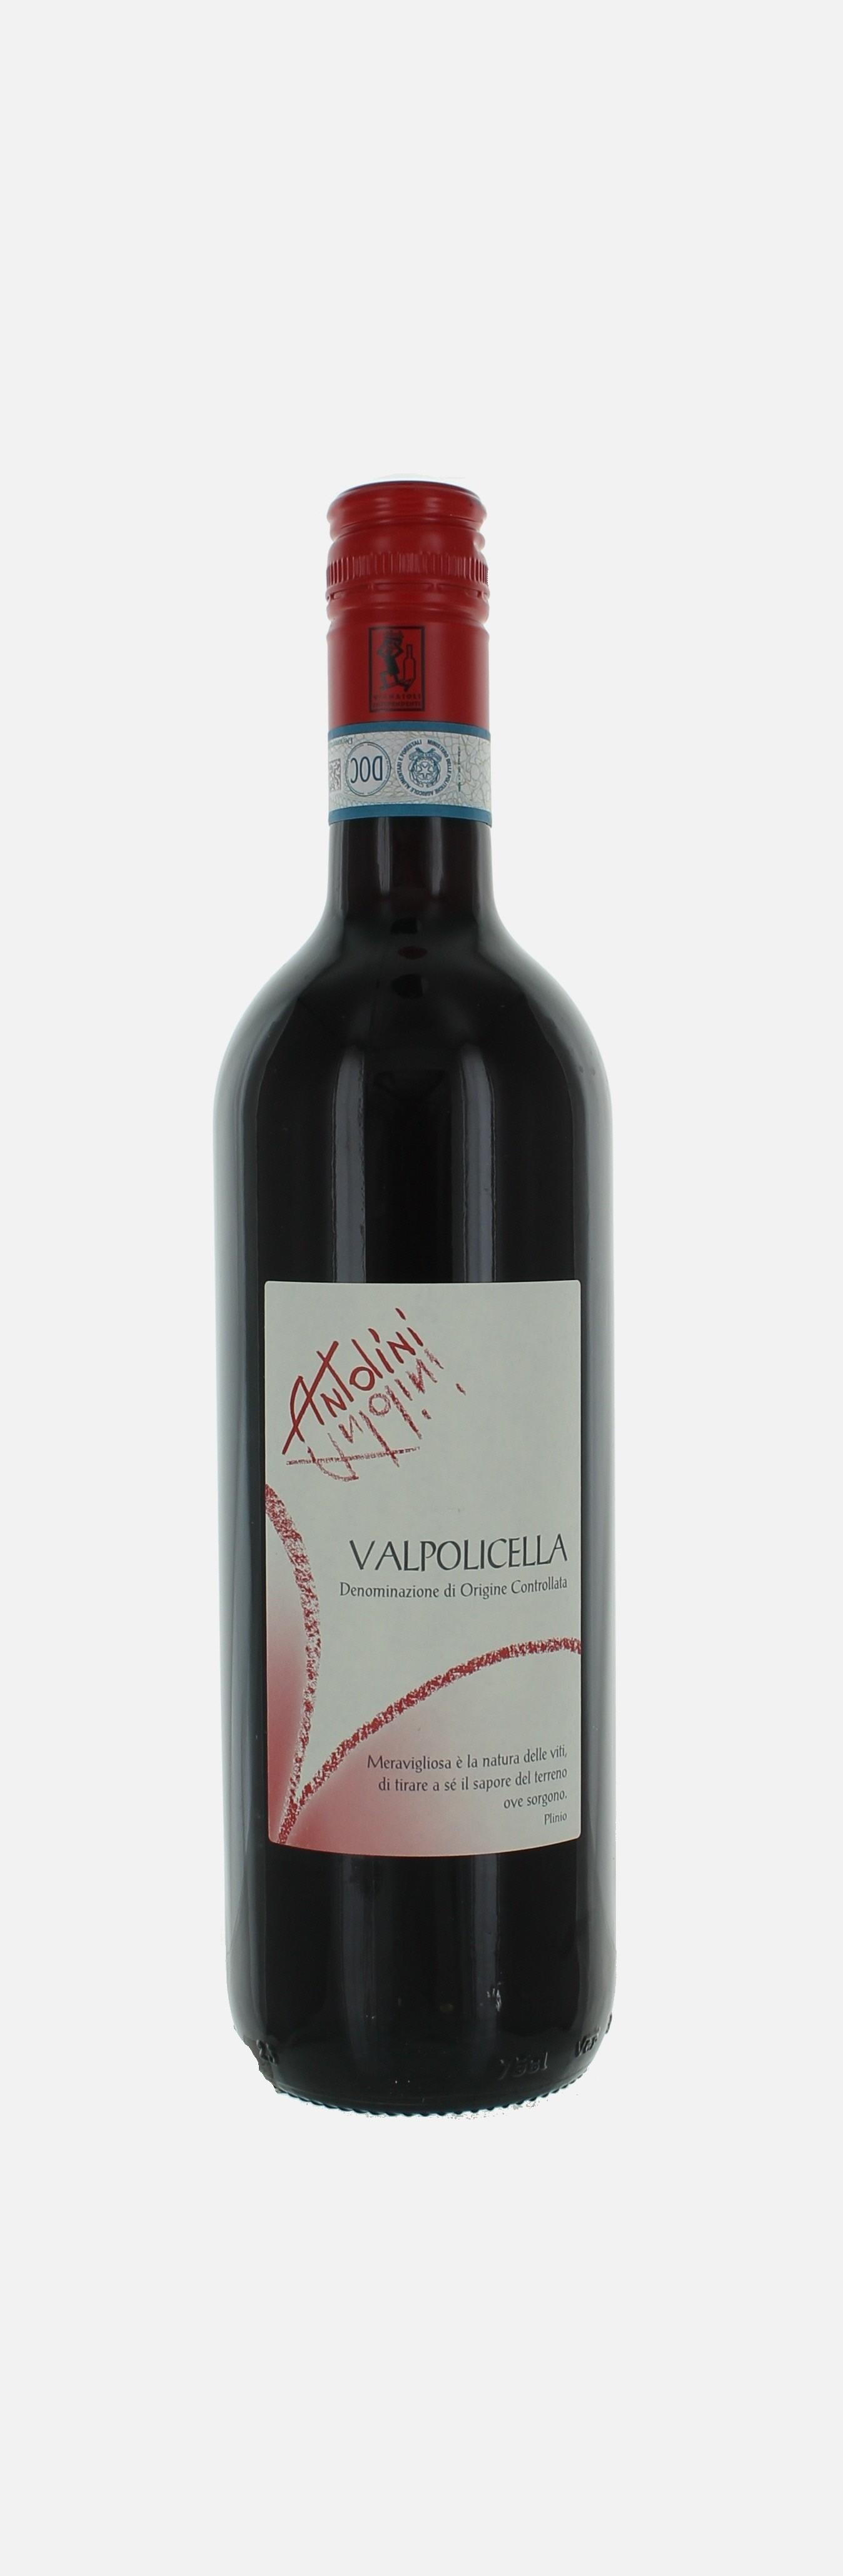 Valpolicella, Antolini